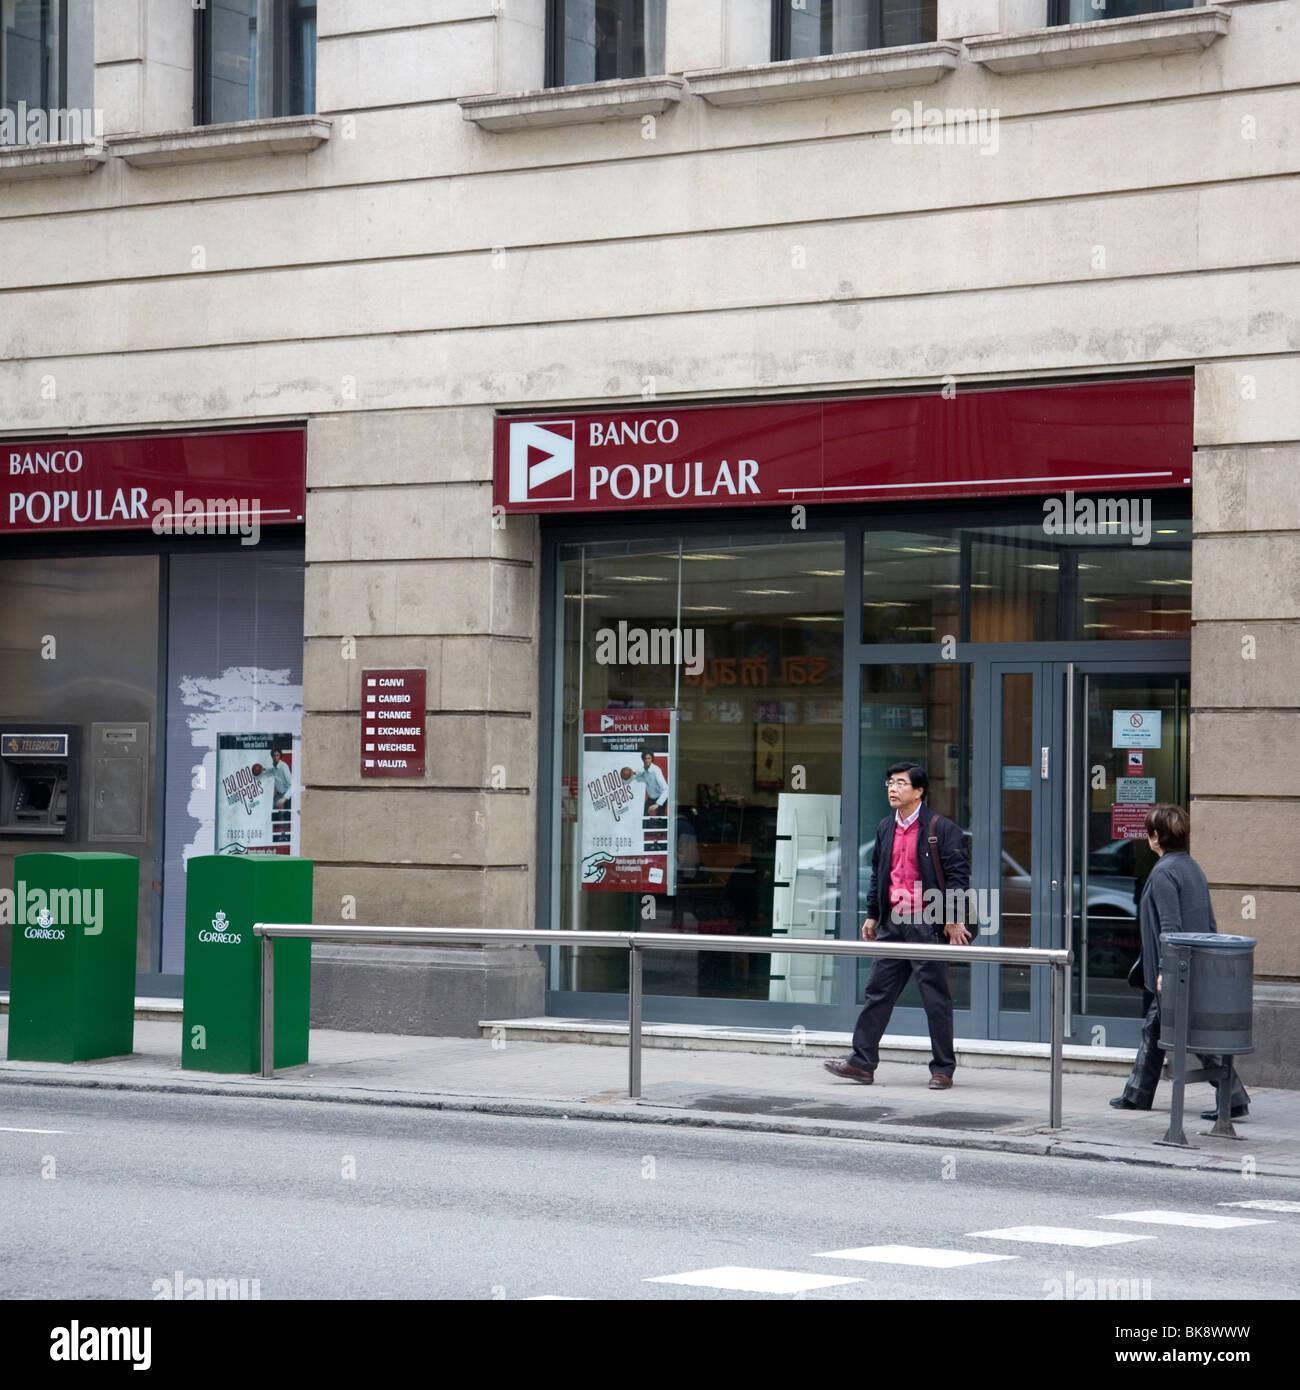 Banco Popular in Barcelona - Stock Image